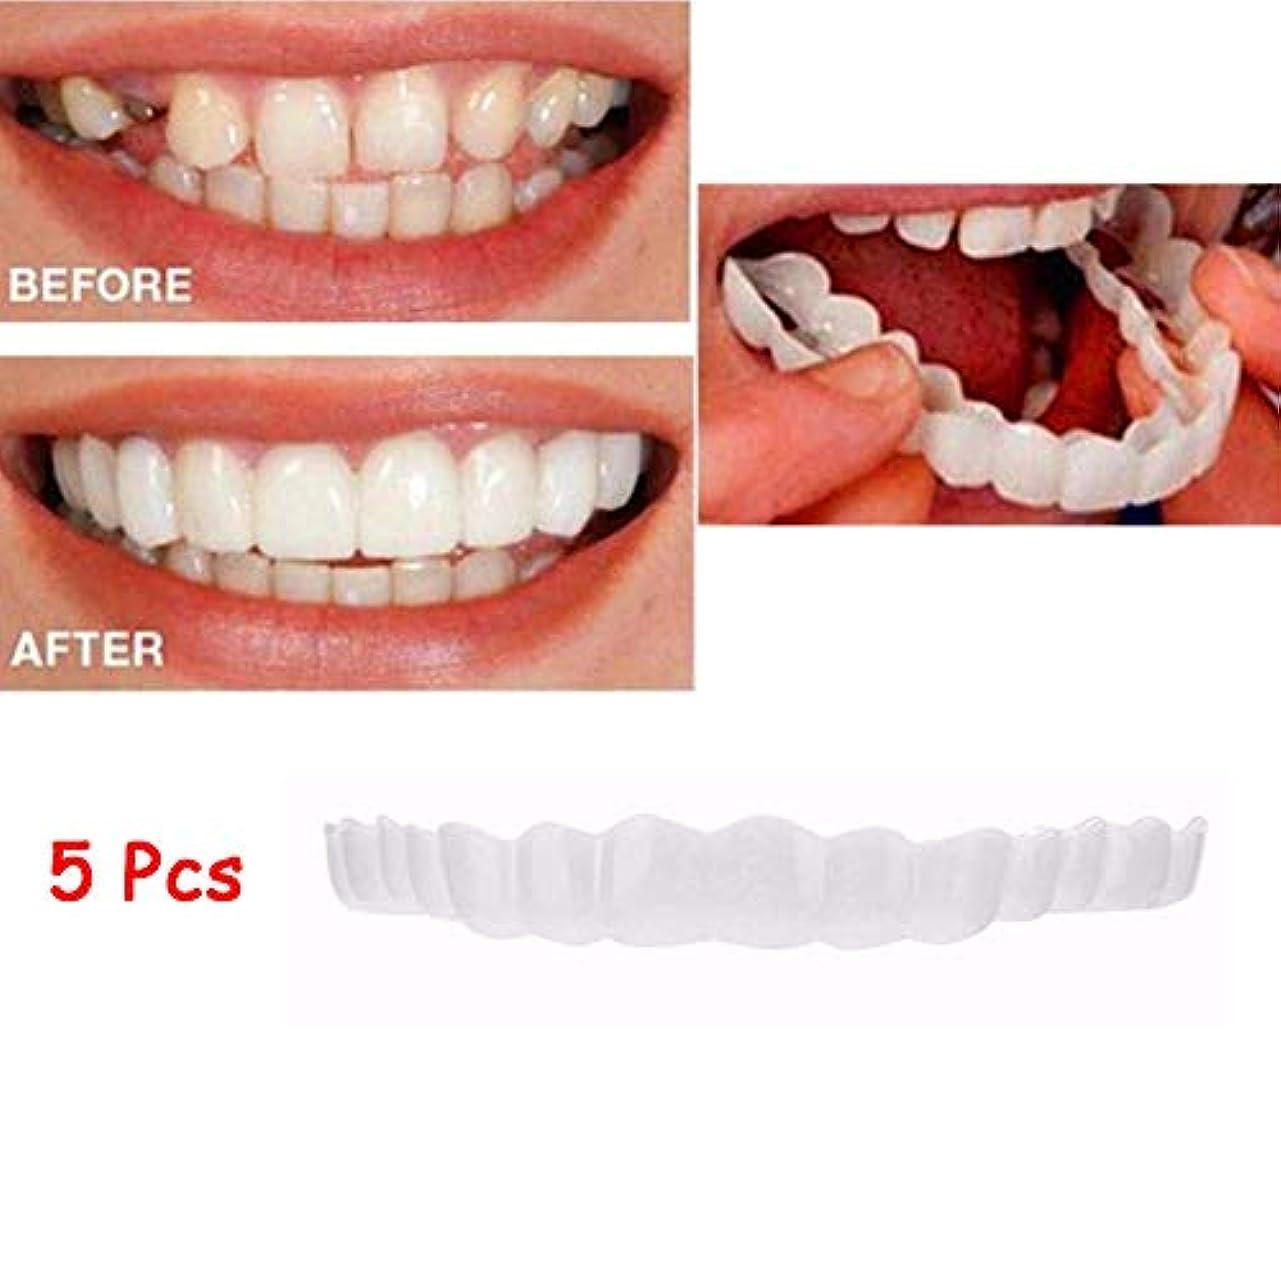 定義コショウサスペンション5本突き板、化粧品の歯 - 一時的な笑顔の快適さフィットフレックス化粧品の歯ワンサイズは最も快適な歯のベニーにフィット